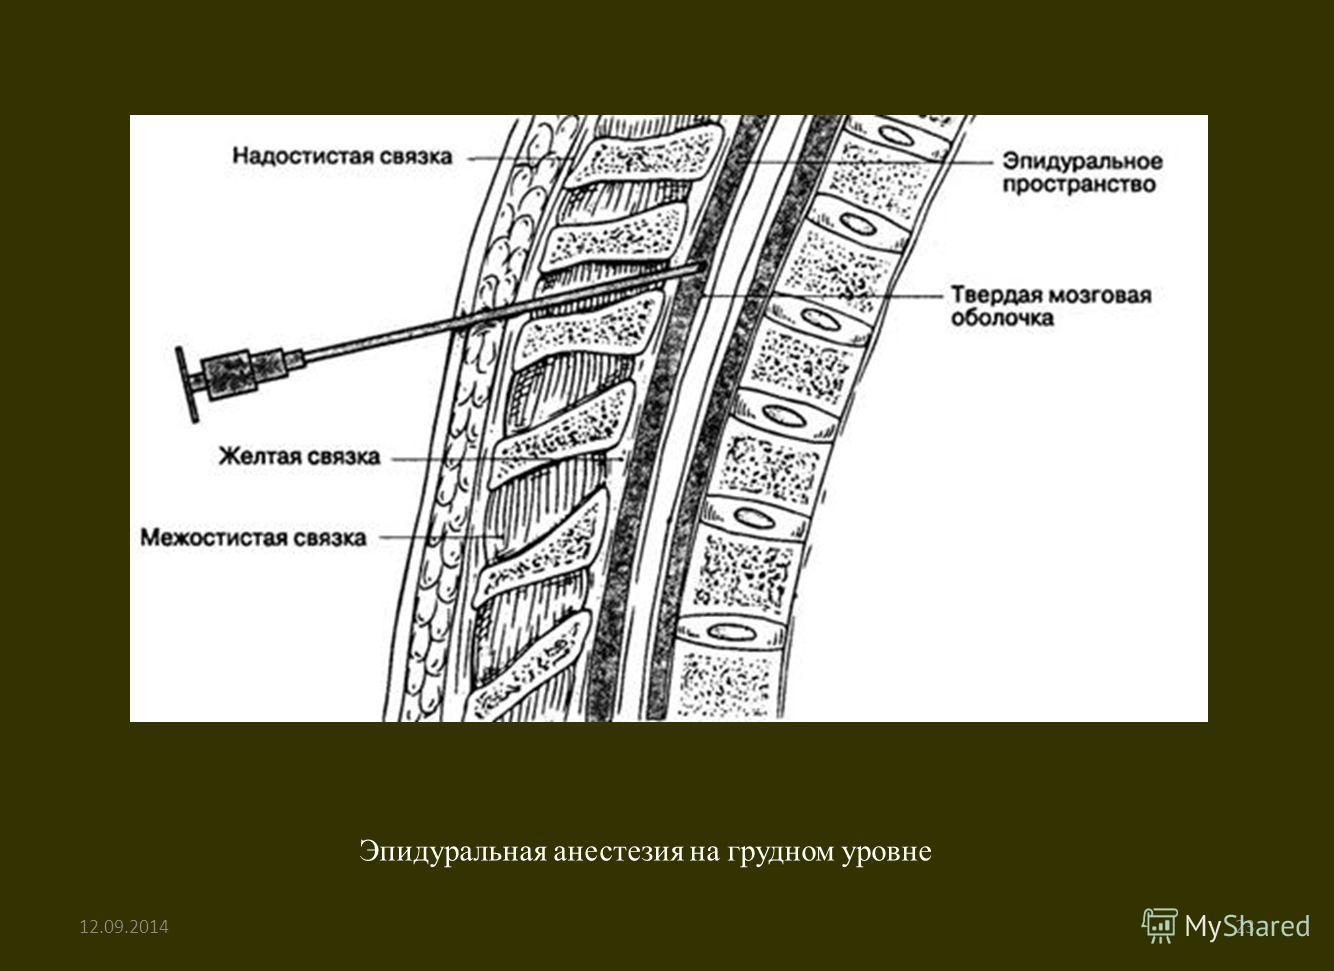 Эпидуральная анестезия на грудном уровне 12.09.201423